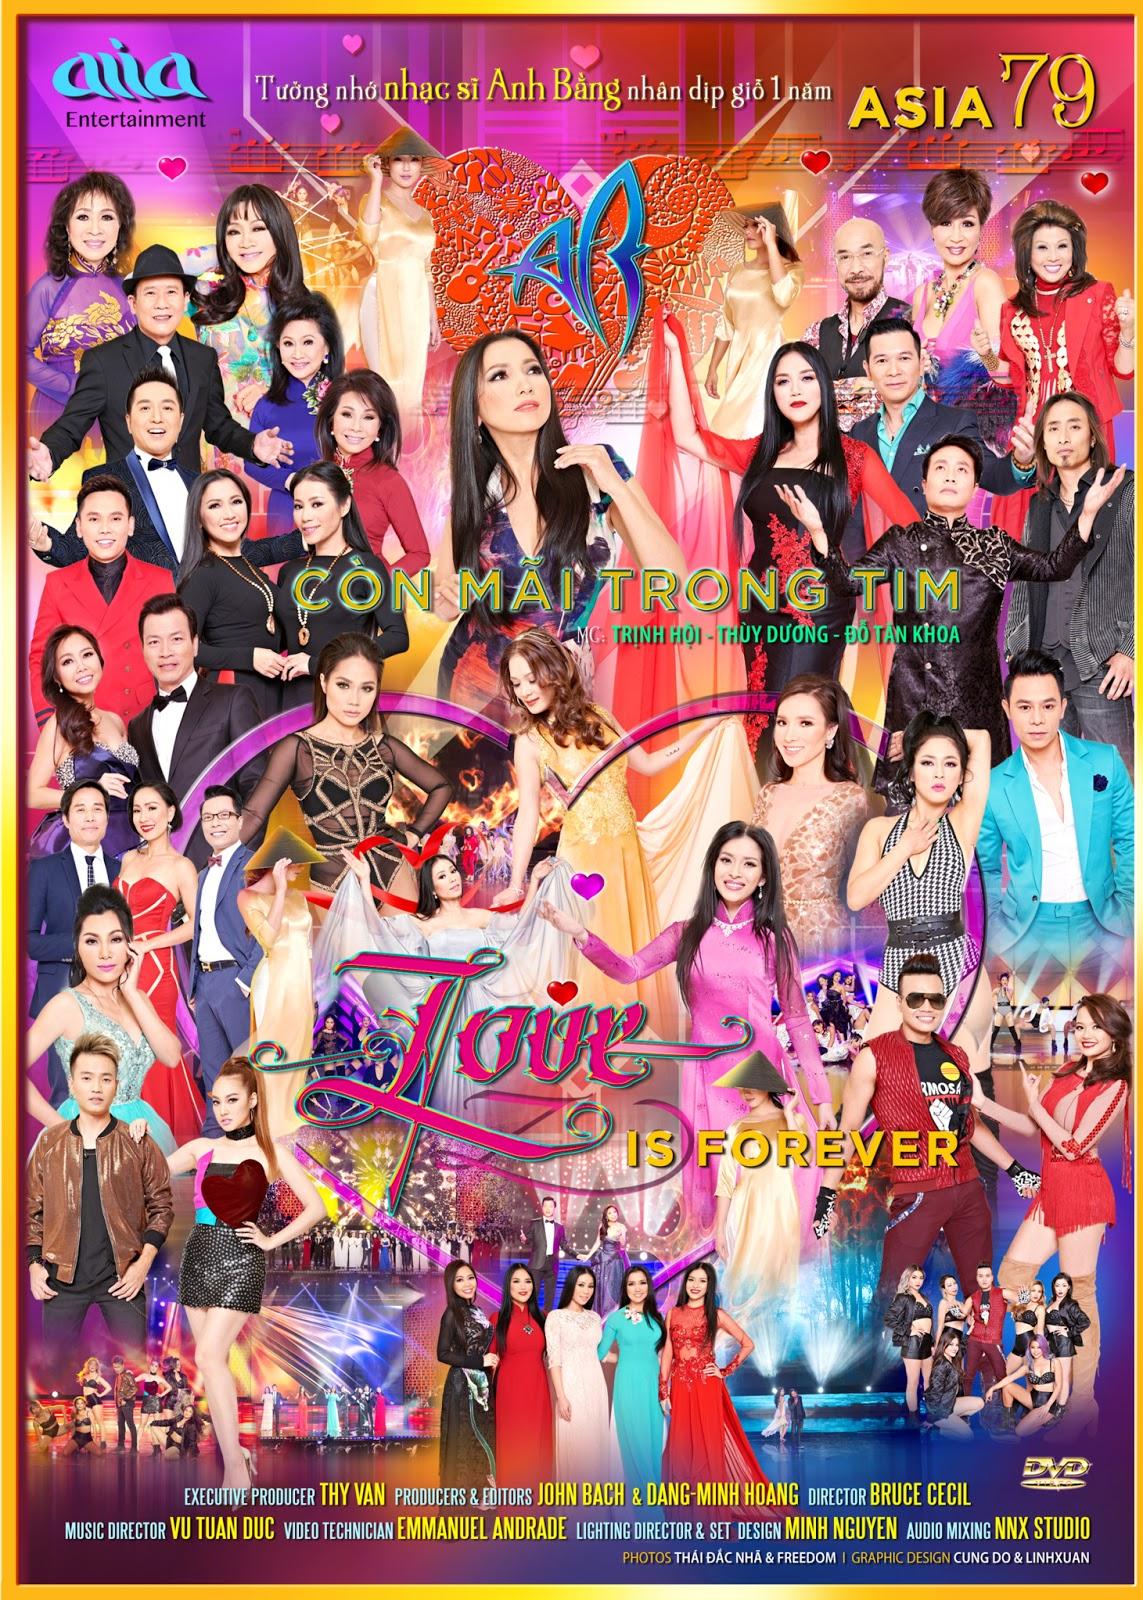 Tải DVD Asia 79 - Còn Mãi Trong Tim 2017 720p WEB-DL DD2 0 x264